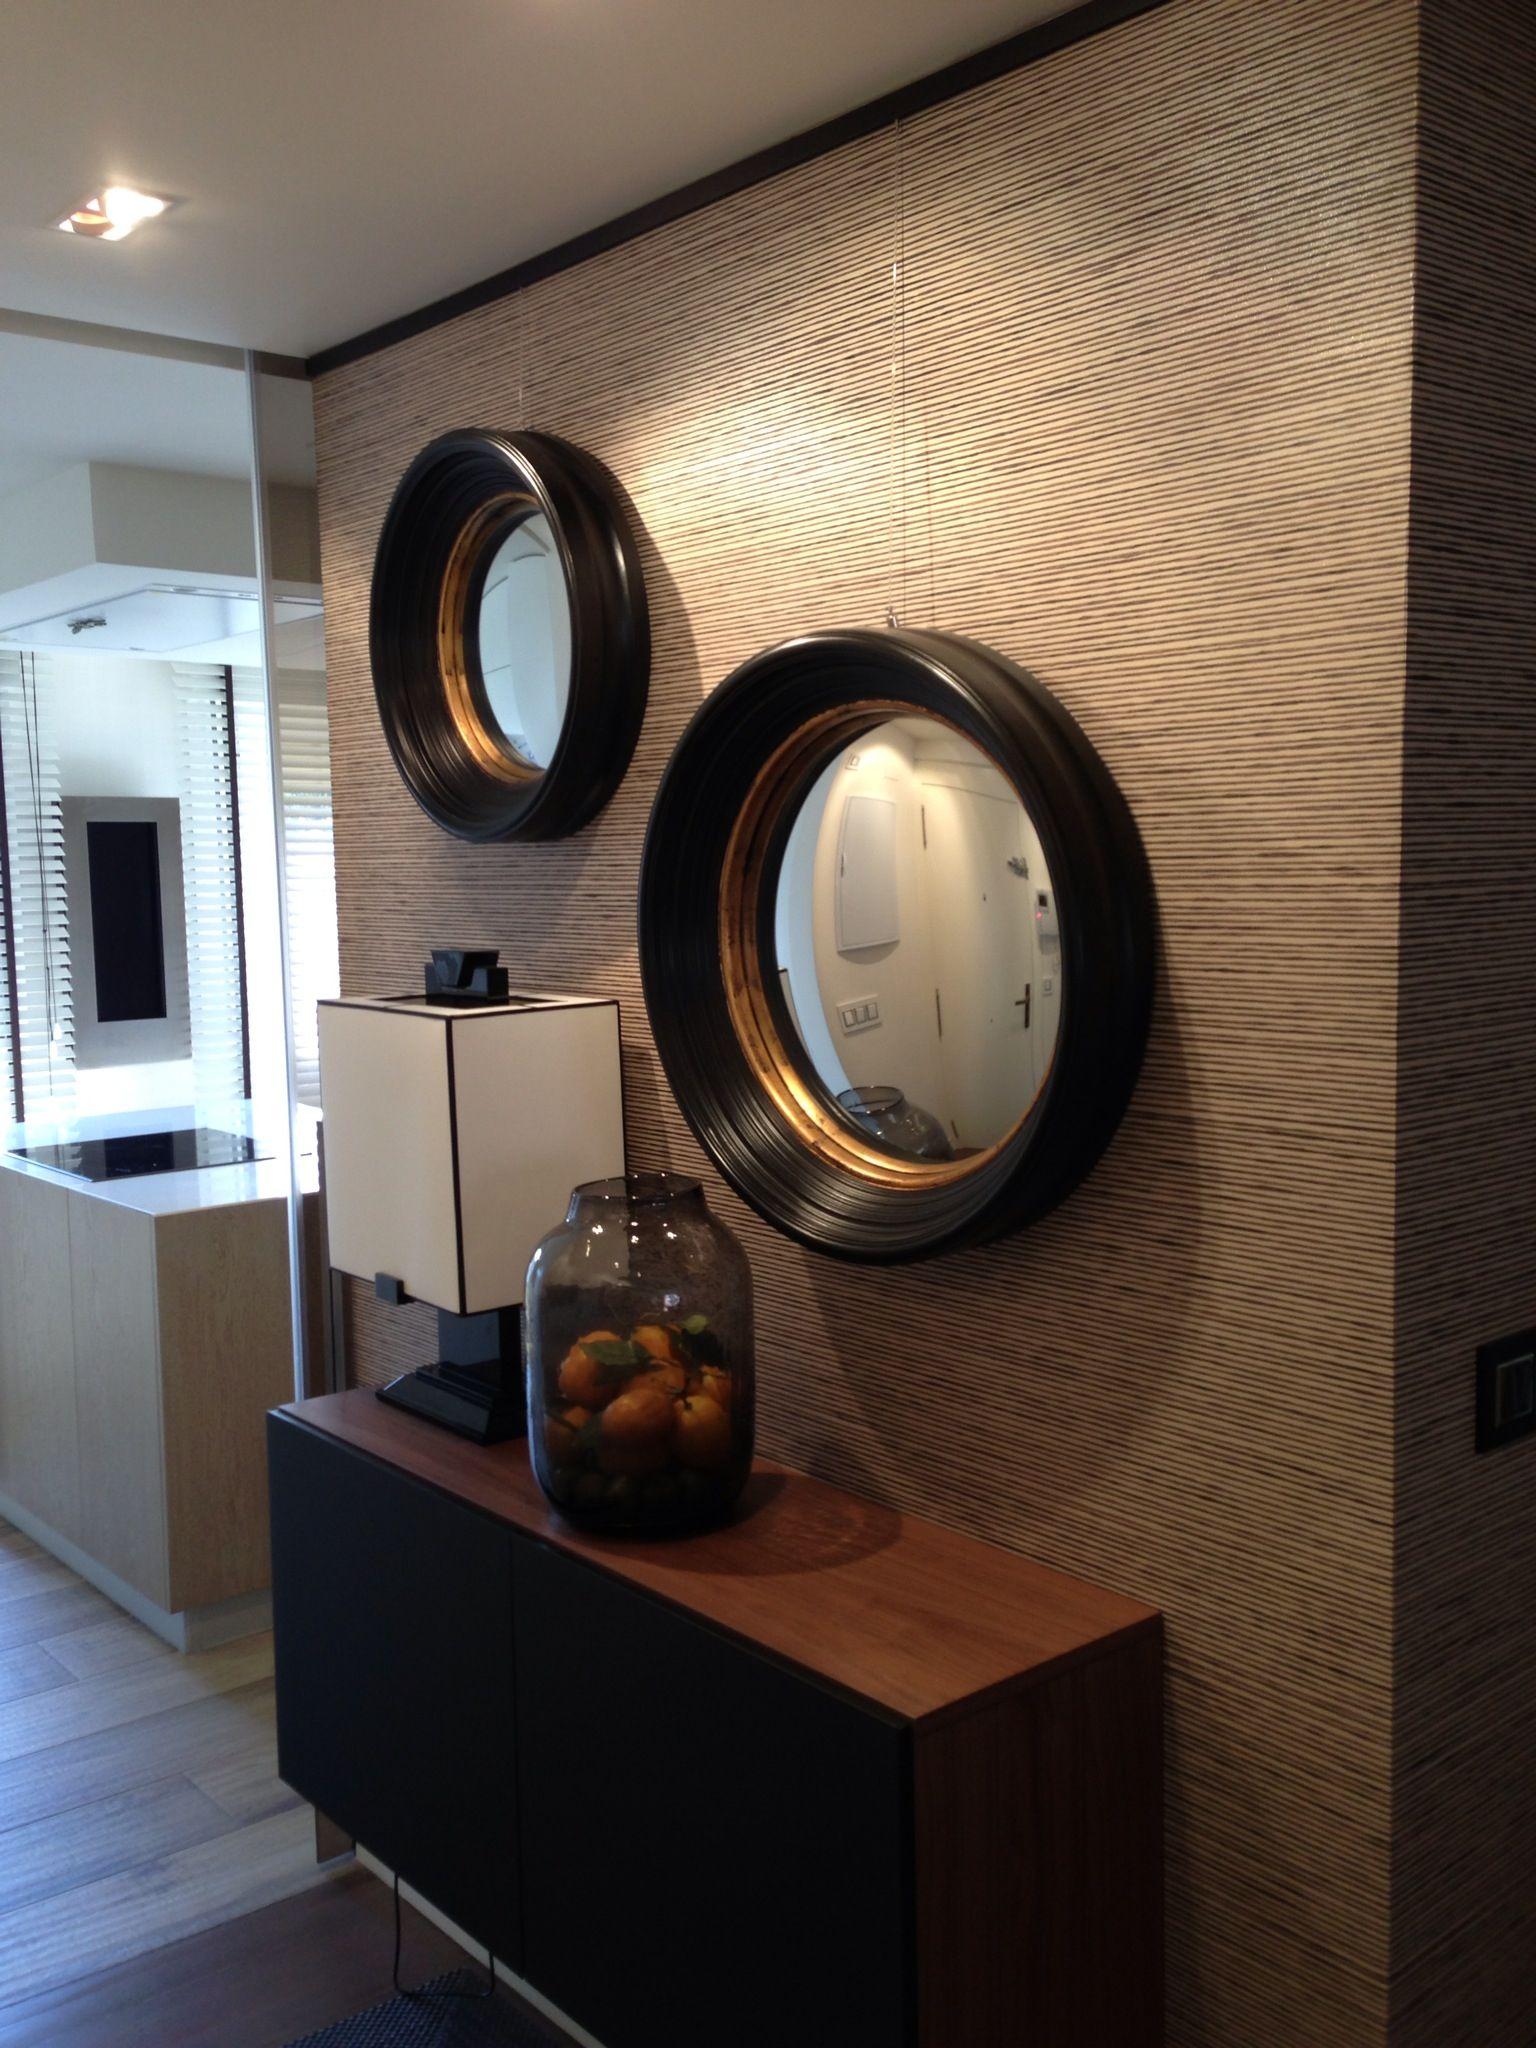 Recibidor Con Espejos Negros Y Dorados Y Mueble Al Aire En Madera  # Muebles Dorados